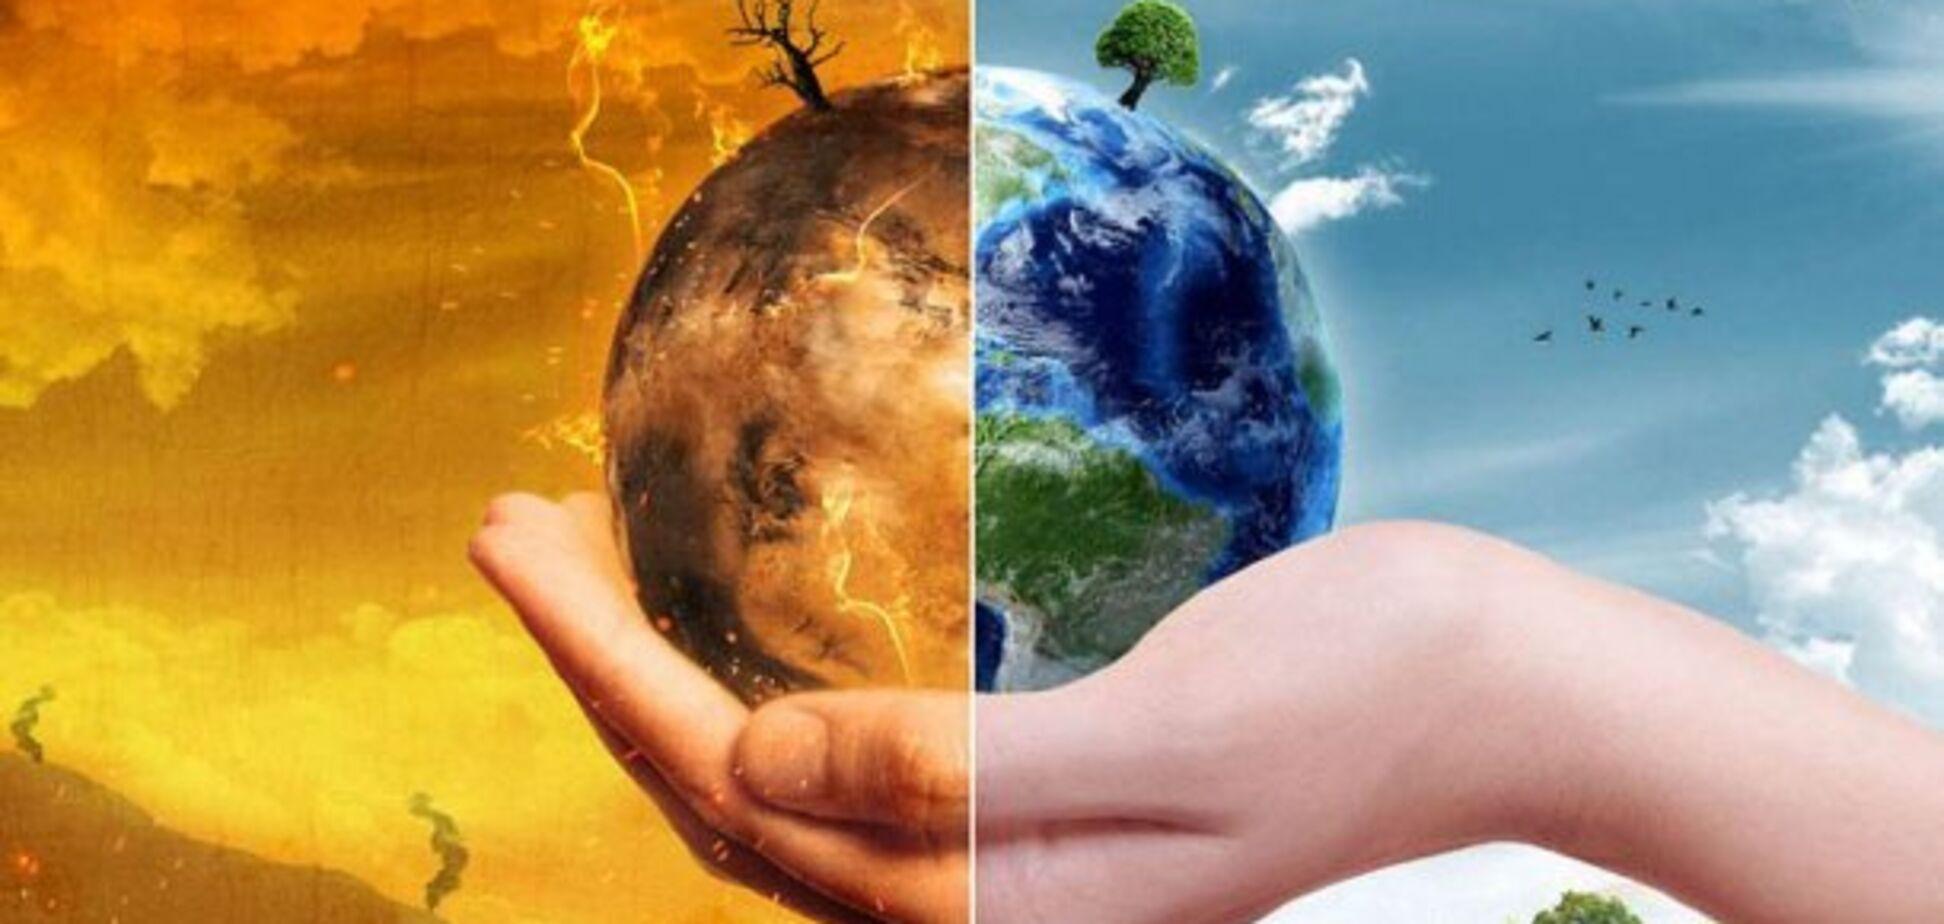 26 професійних організацій виступили проти використання екології у політичних та бізнес-цілях